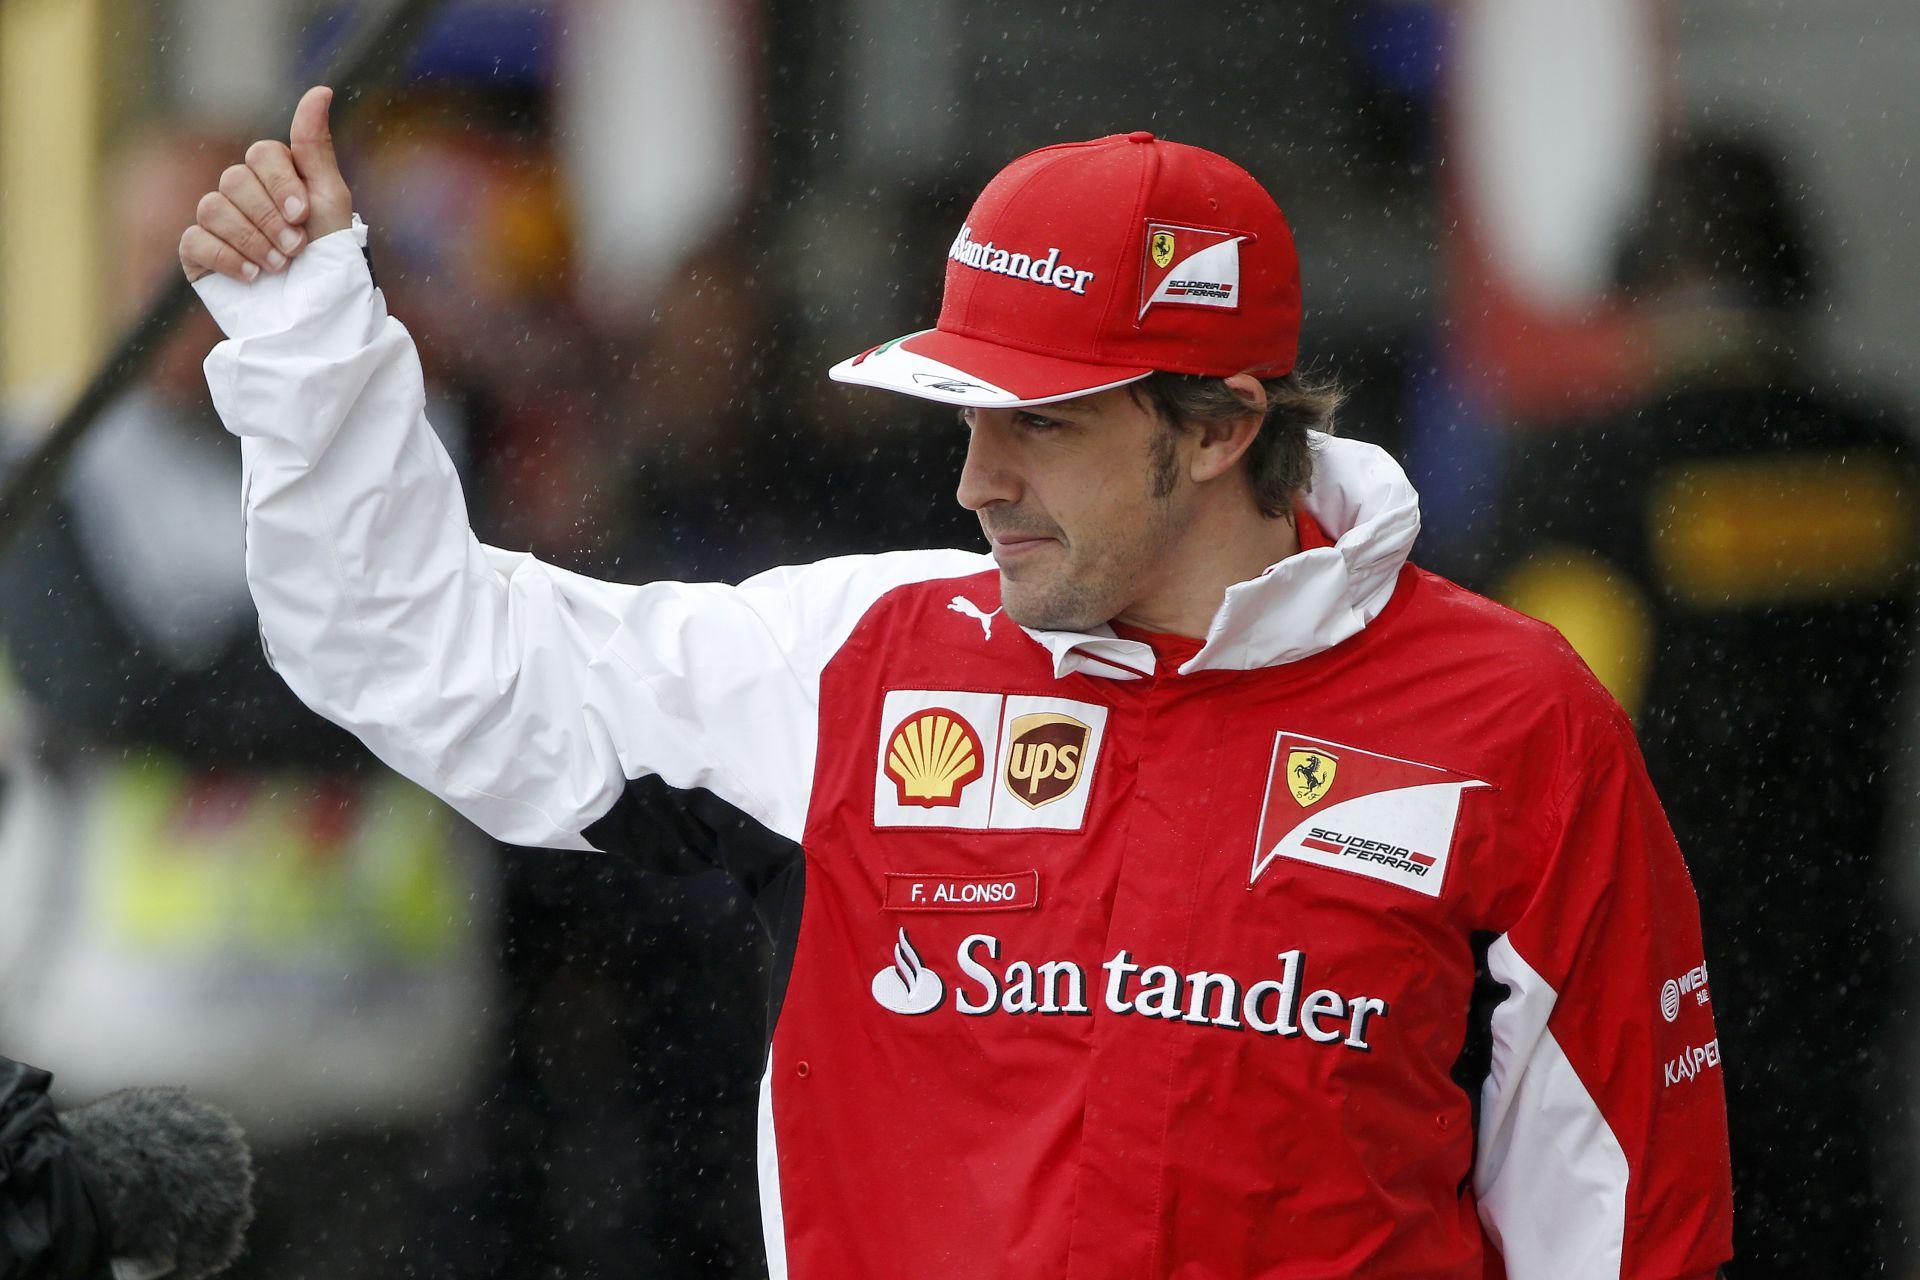 A Ferrari a Mercedestől, a Red Bulltól és a Lotustól igazolt! Alonso teszteli elsőként az új szimulátort!